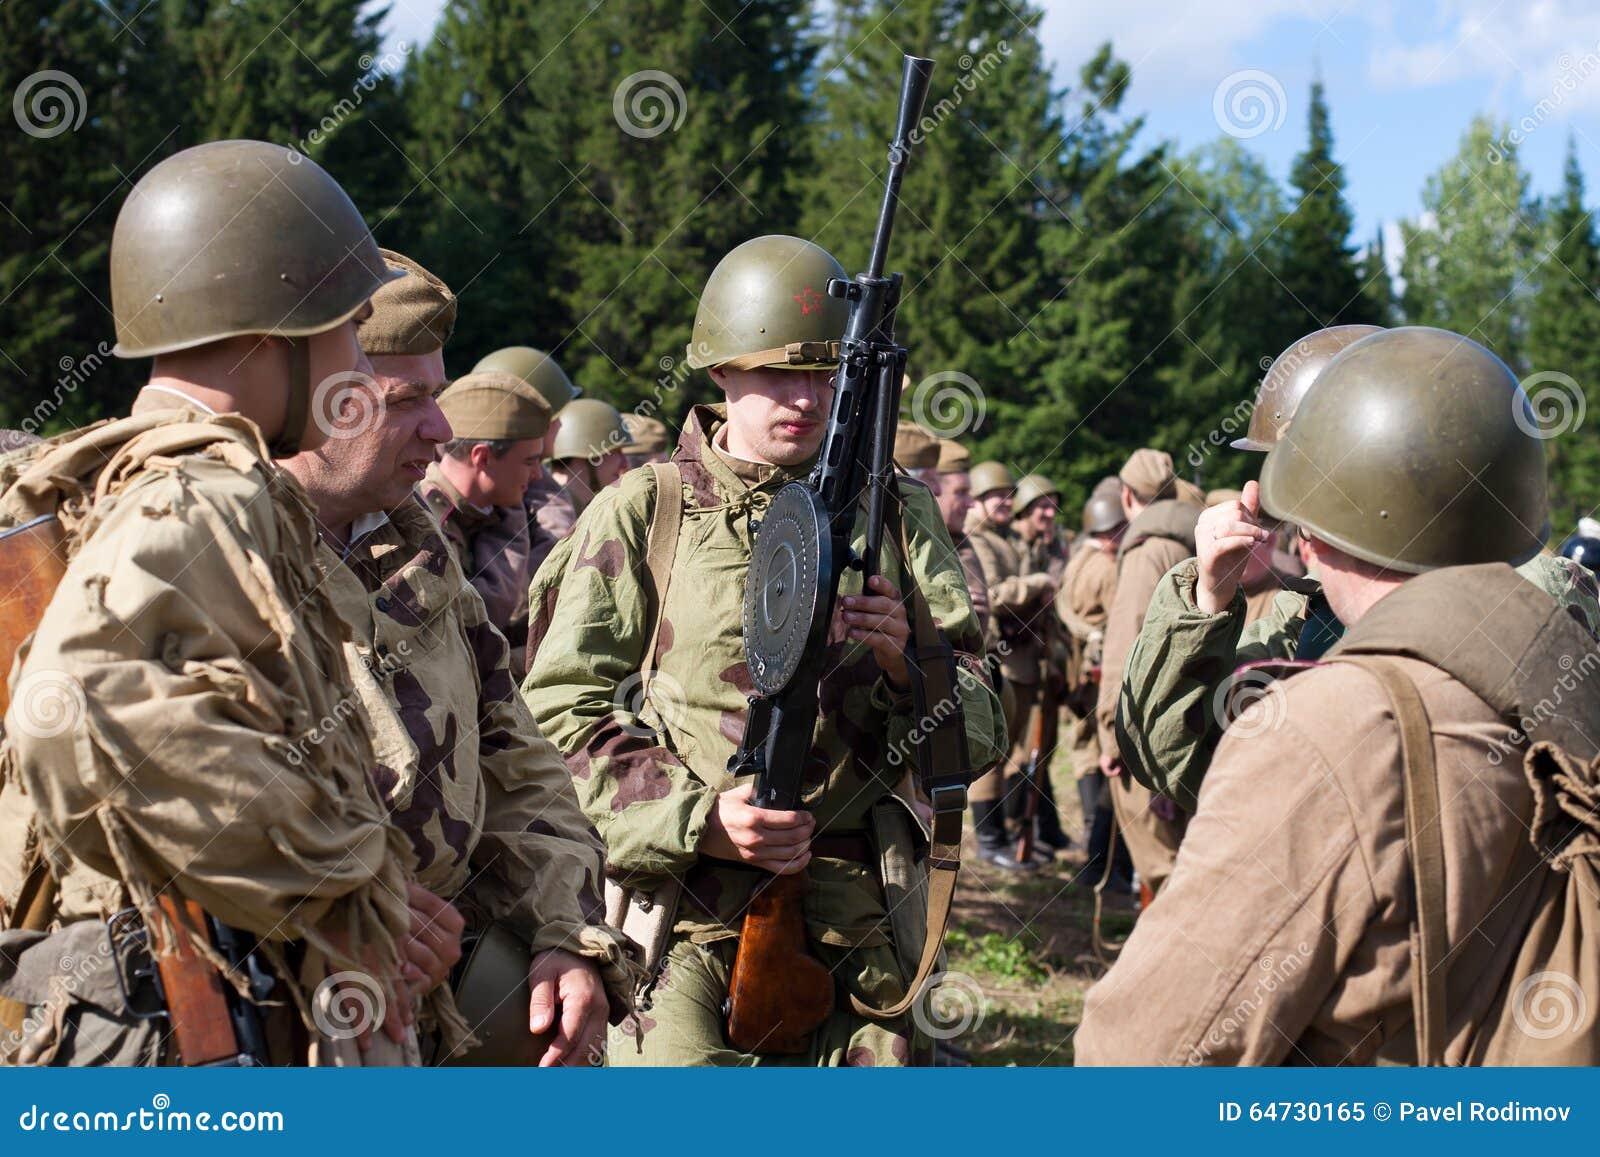 Gruppo di soldati sovietici della seconda guerra mondiale